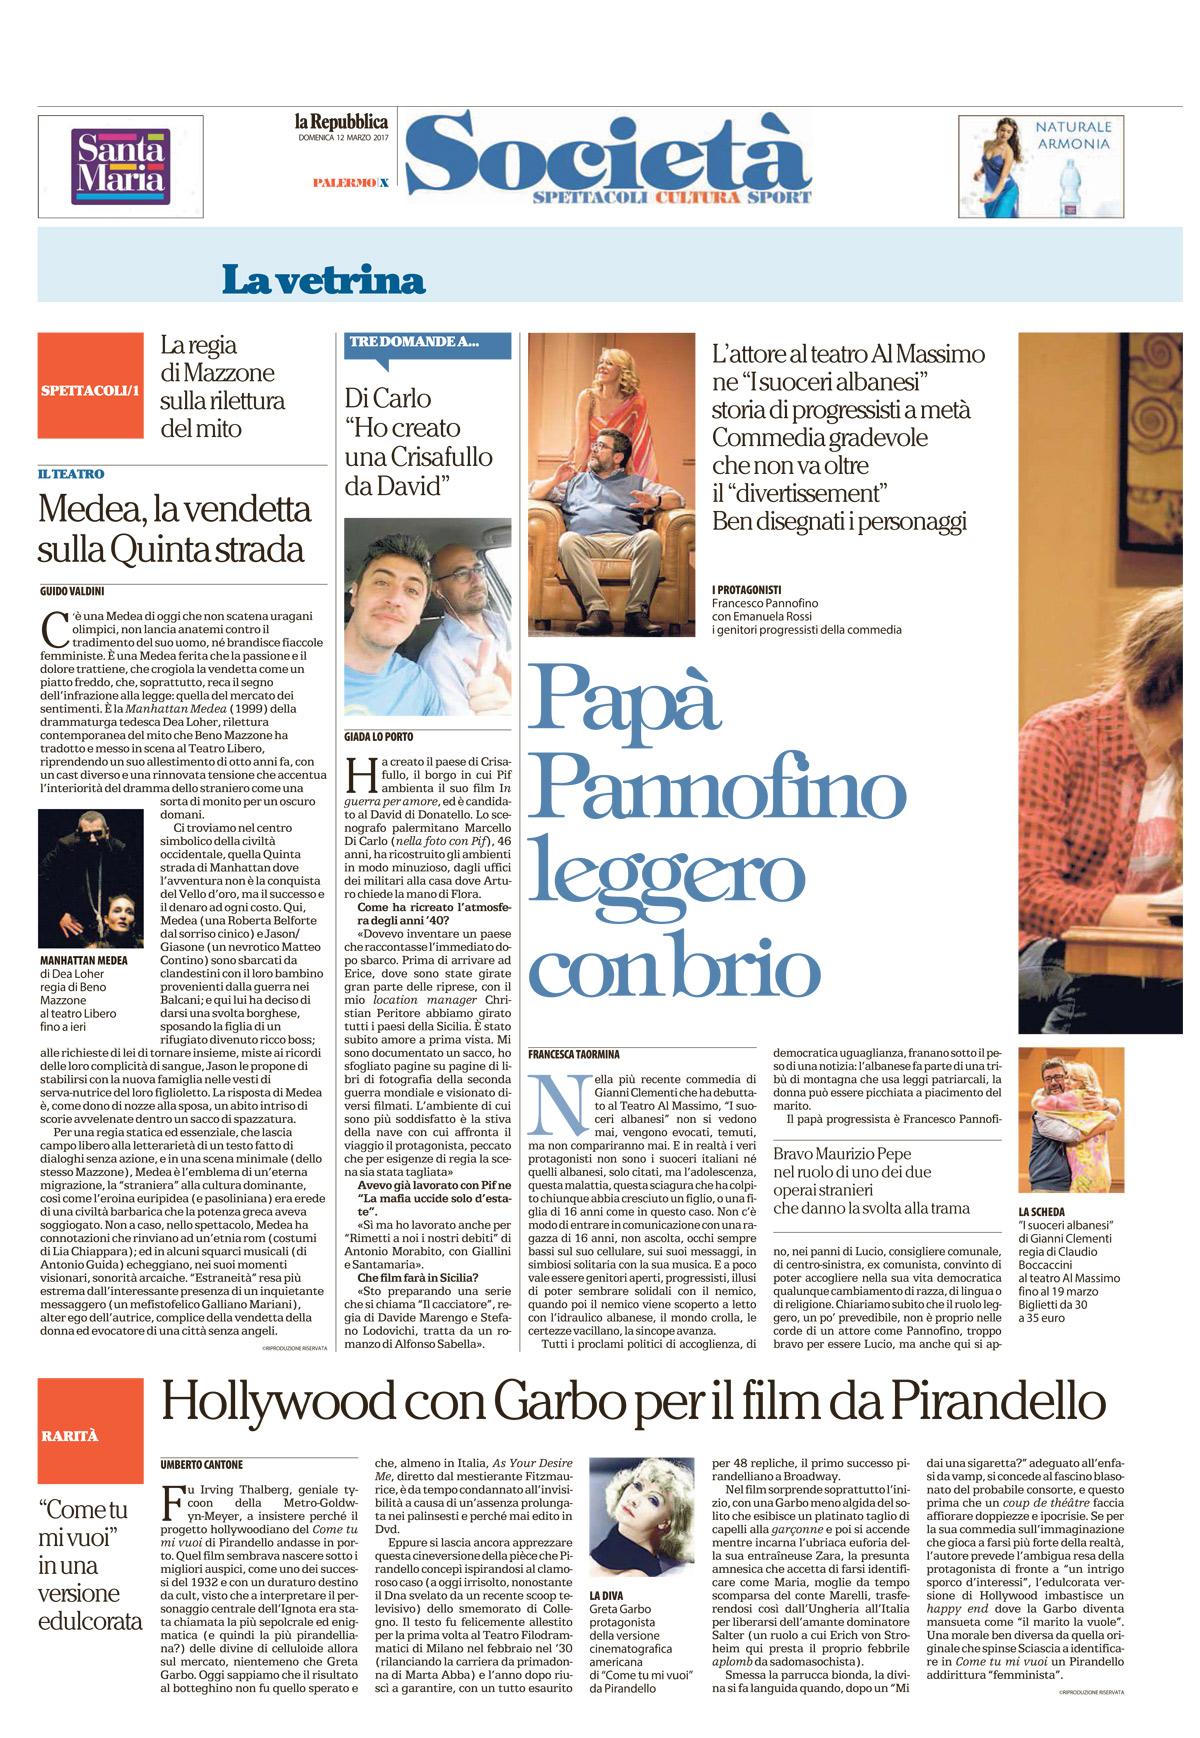 Hollywood con Garbo per il film da Pirandello